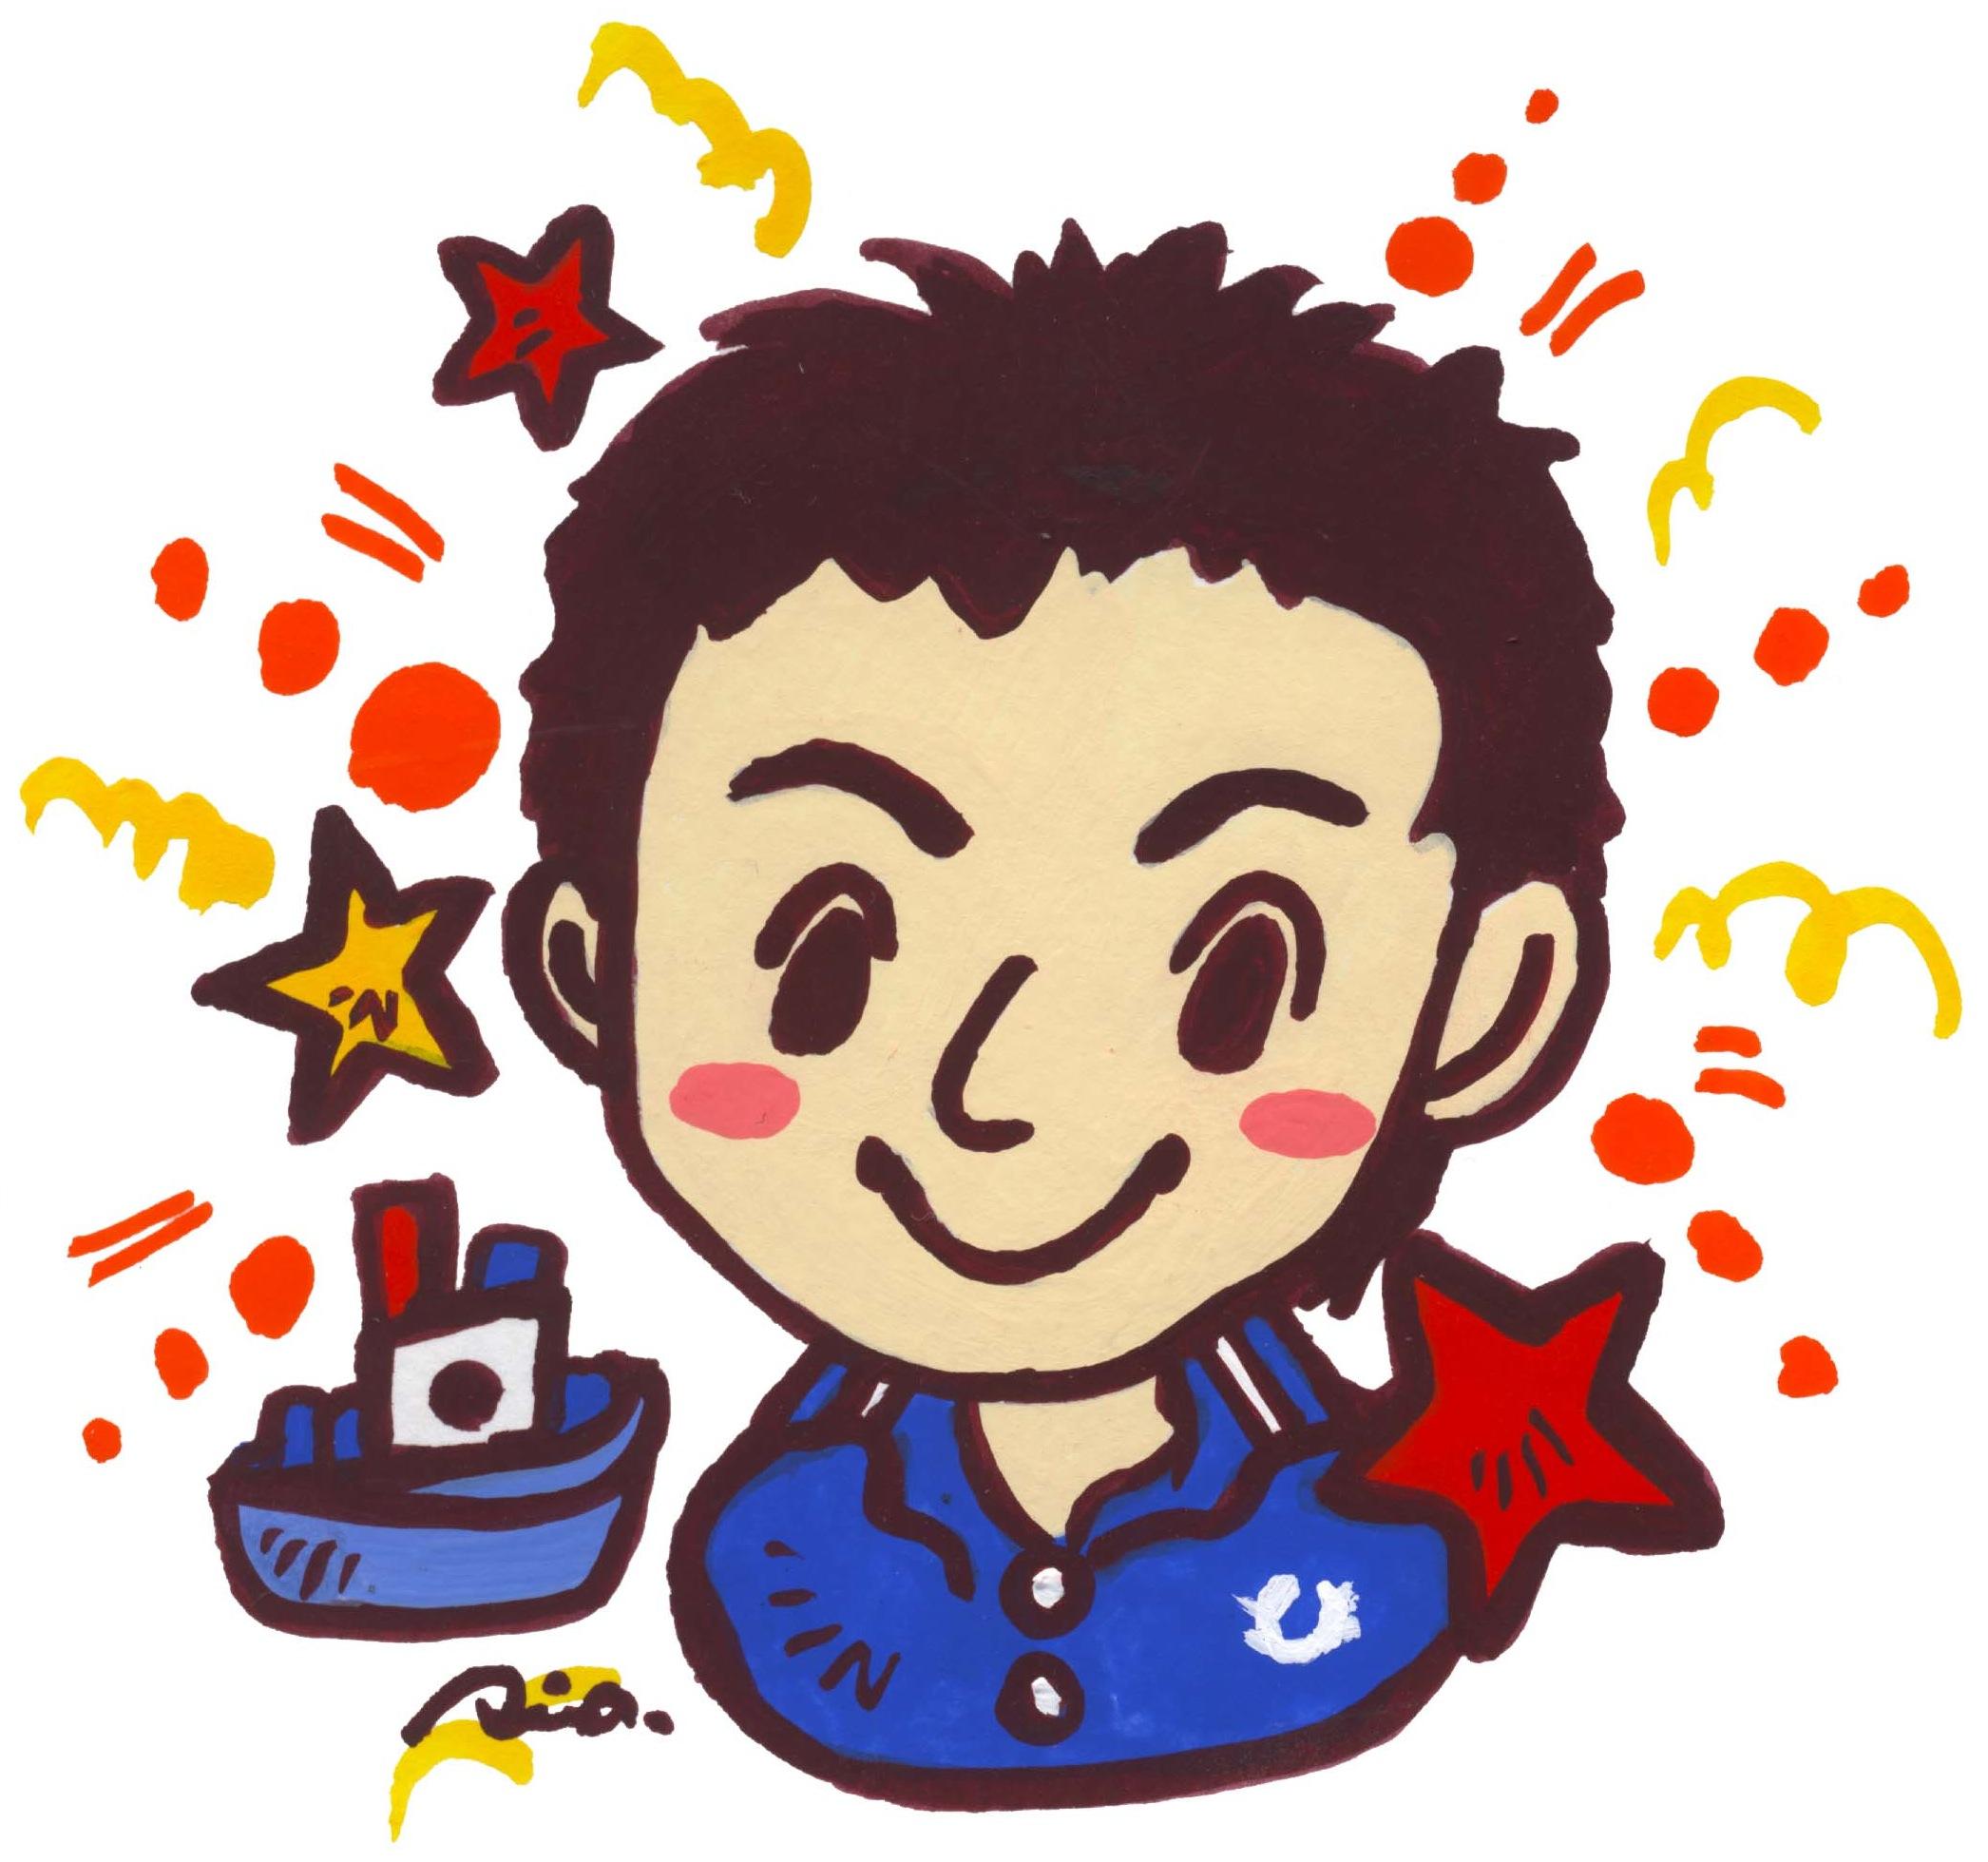 藤井 迪生